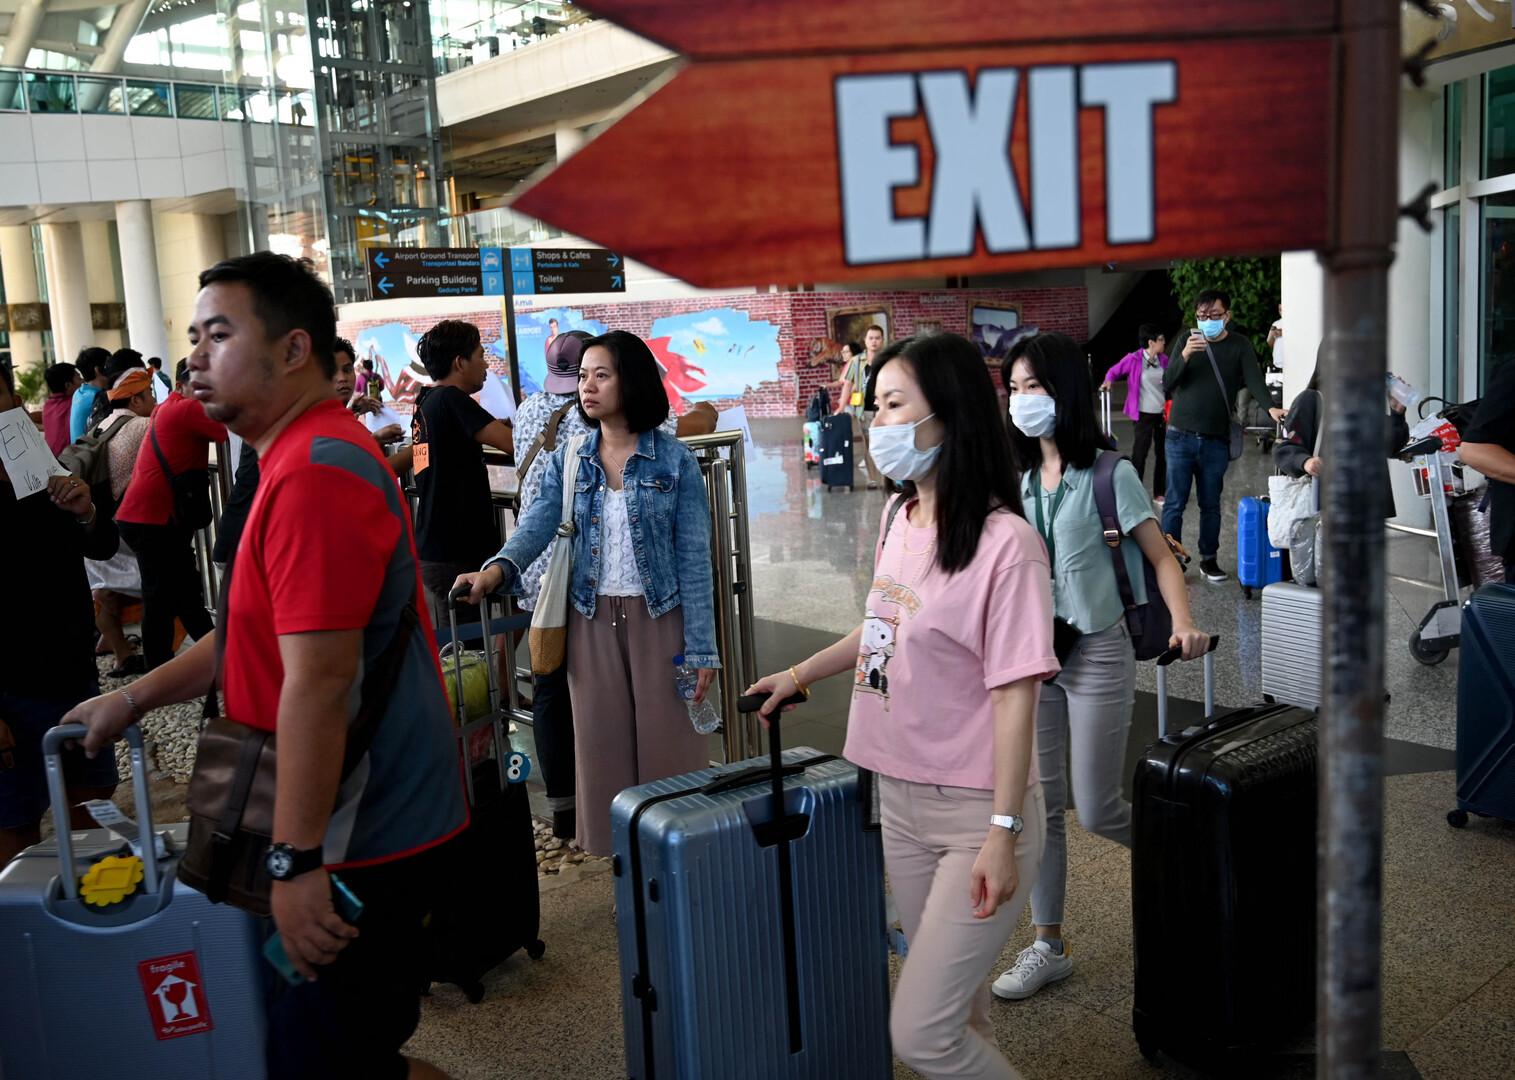 السلطات الإندونيسية تخطط لإصدار تأشيرات سياحية مدتها خمس سنوات